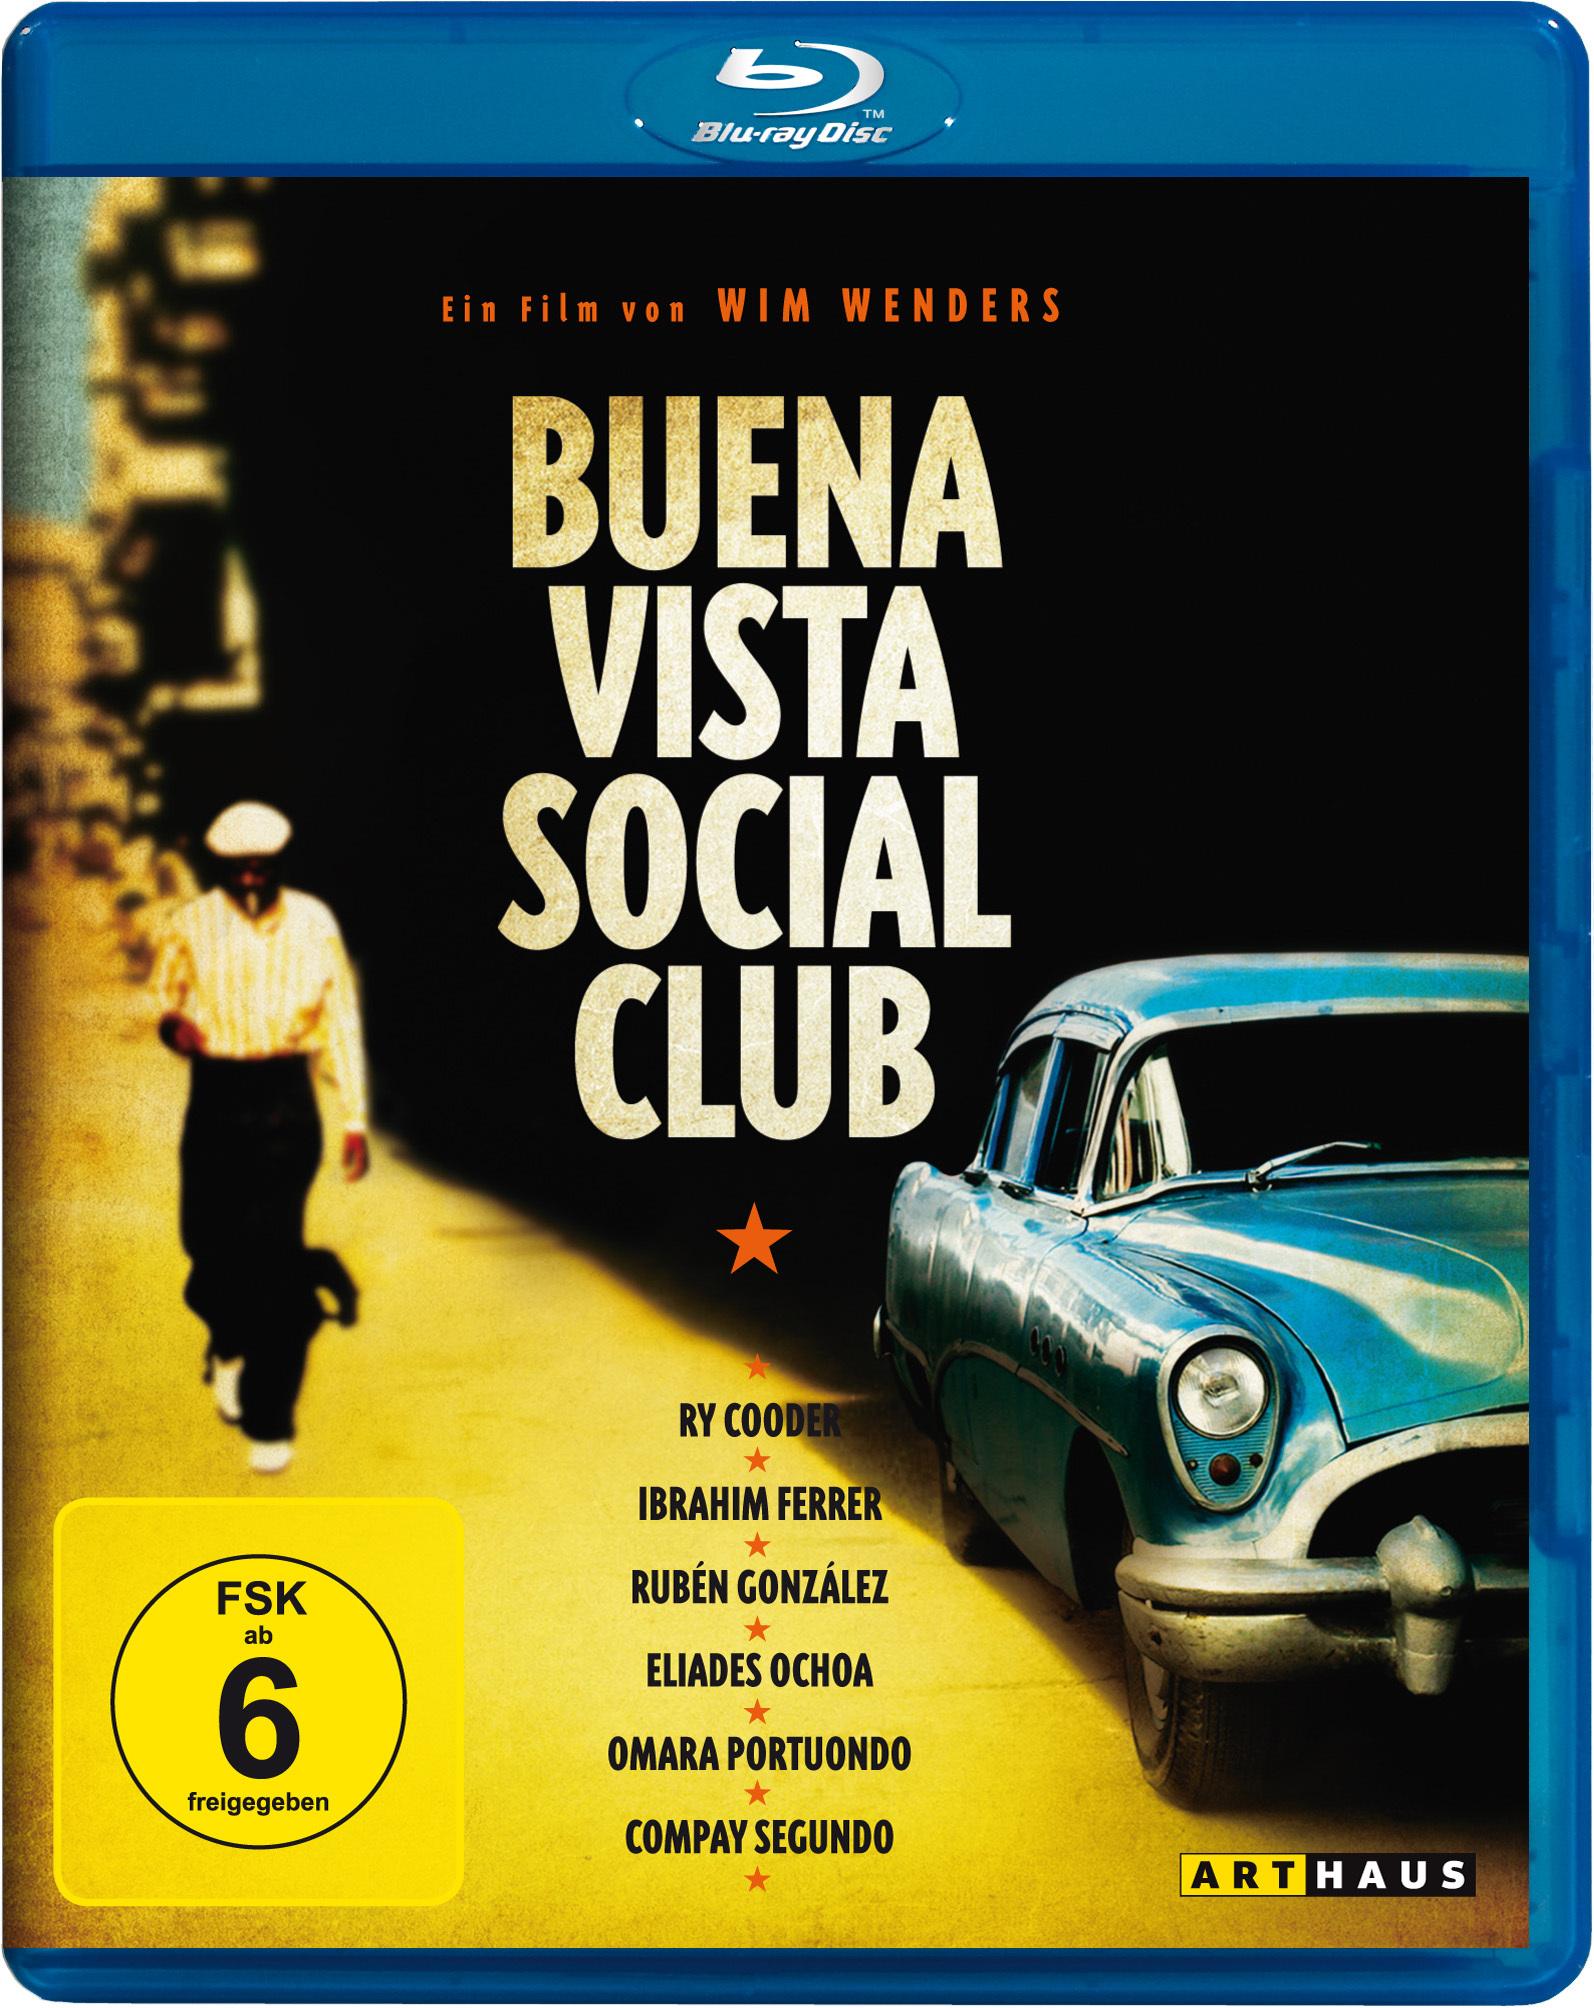 Image of Buena Vista Social Club